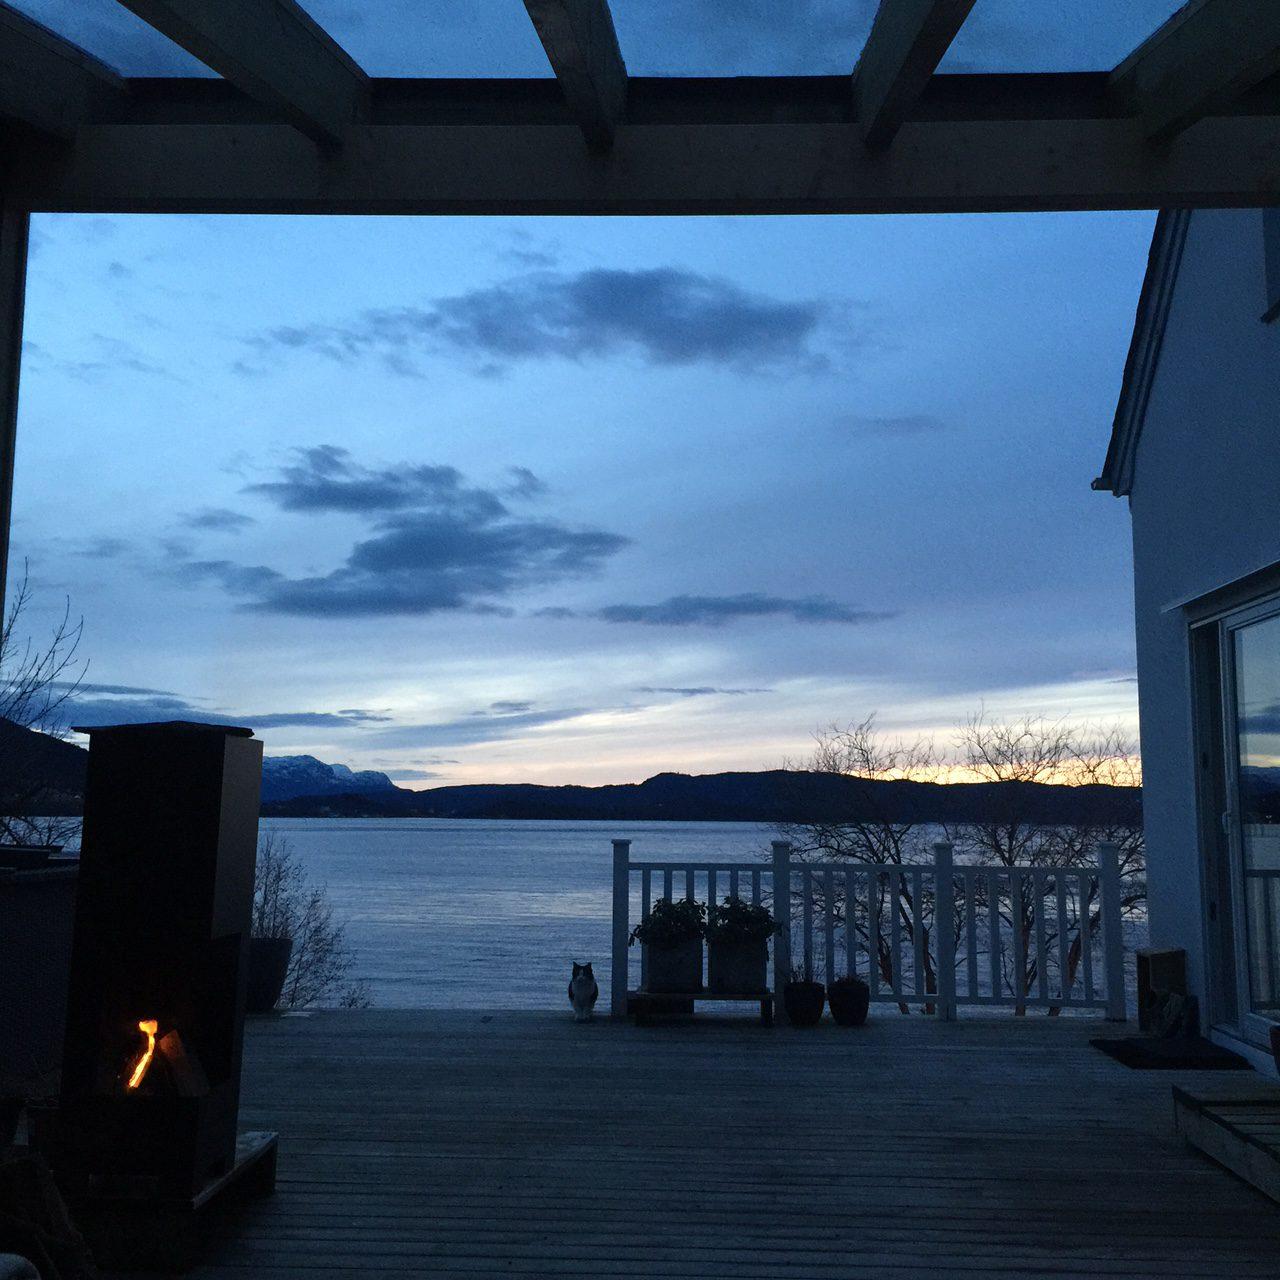 airbnb, airbnb norway, rosendal, signe schineller, uteplass, uteplassen, terracce, hus og hage, patio hardangerfjorden, Kvinnherad, utleie hus hardanger, solnedgang, ,